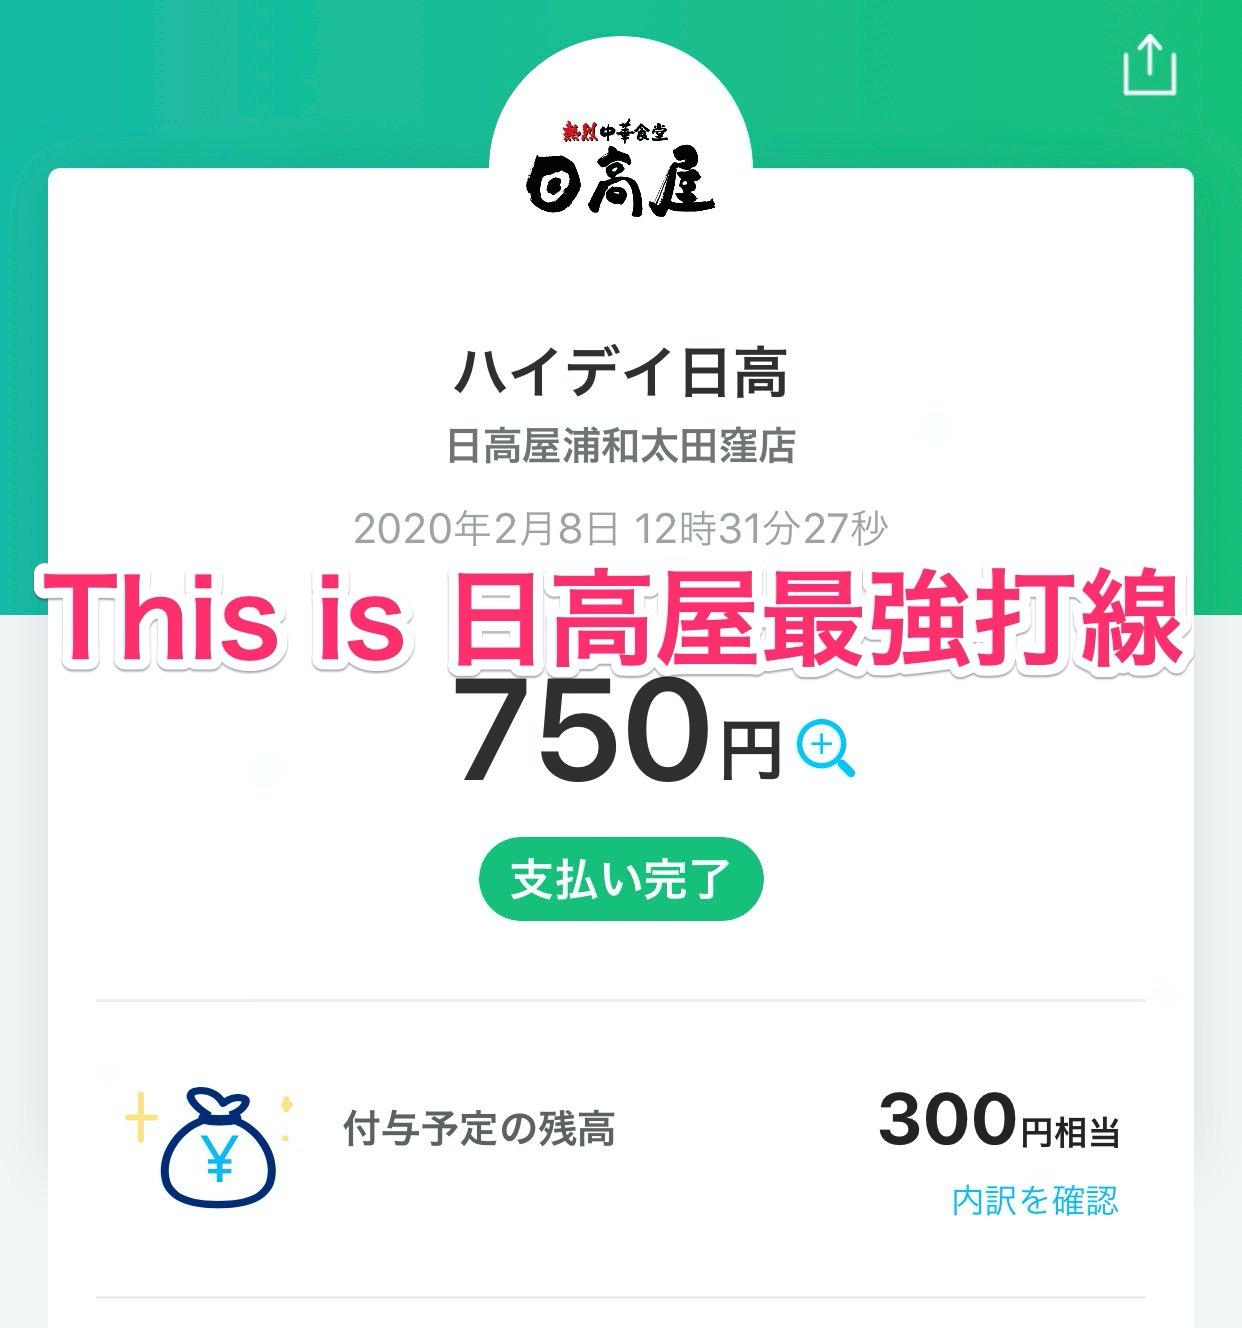 【PayPay】飲食店40%還元キャンペーンが始まったから日高屋最強打線を食べてきた!